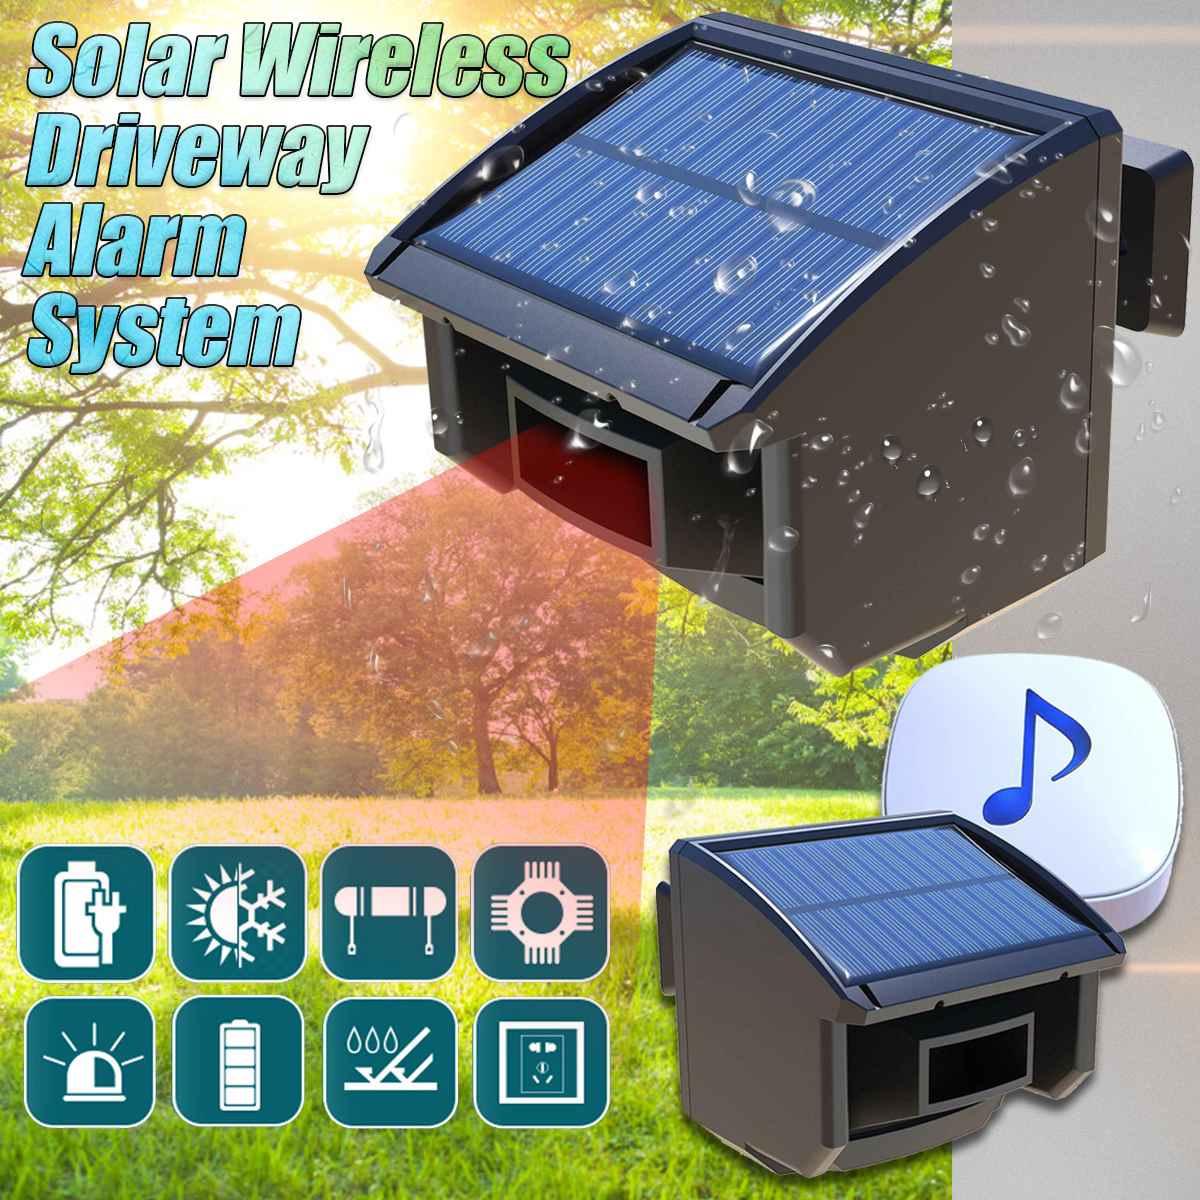 Zasilany energią słoneczną bezprzewodowy ruchu czujnik słonecznego podjazd System alarmowy wodoodporny zewnętrzny czujnik ruchu detektor